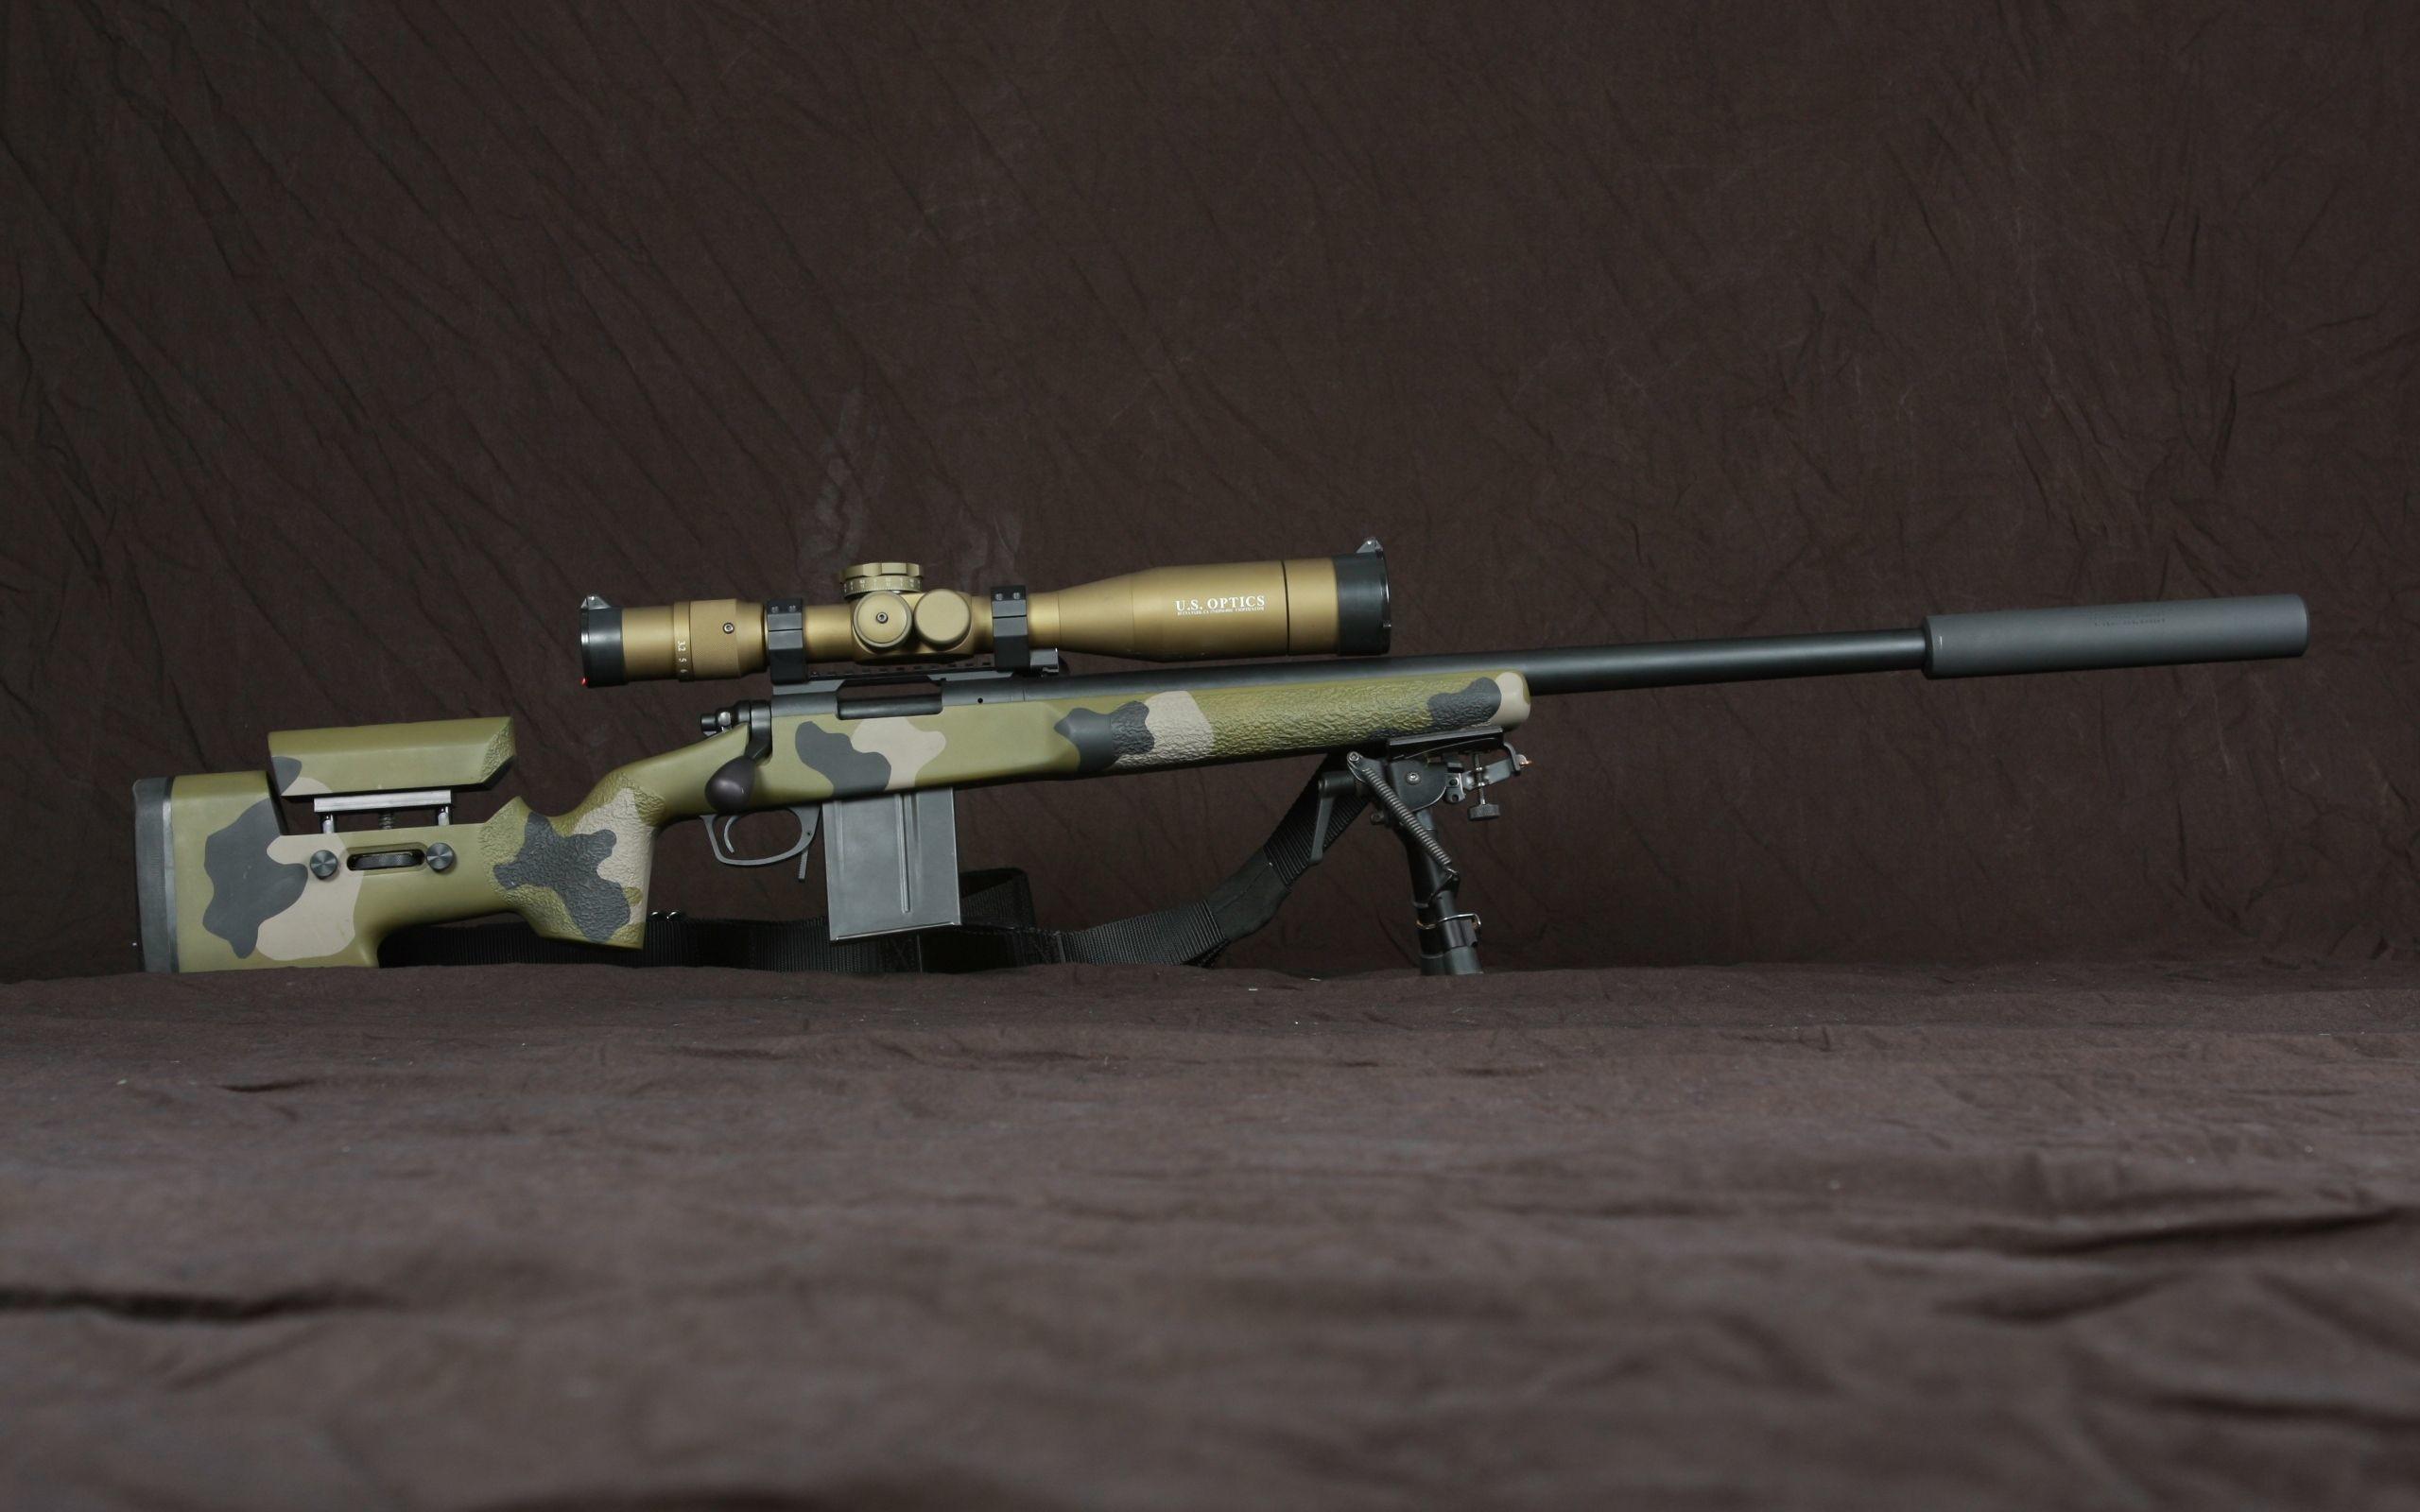 Res: 2560x1600, Sniper Rifle wallpaper